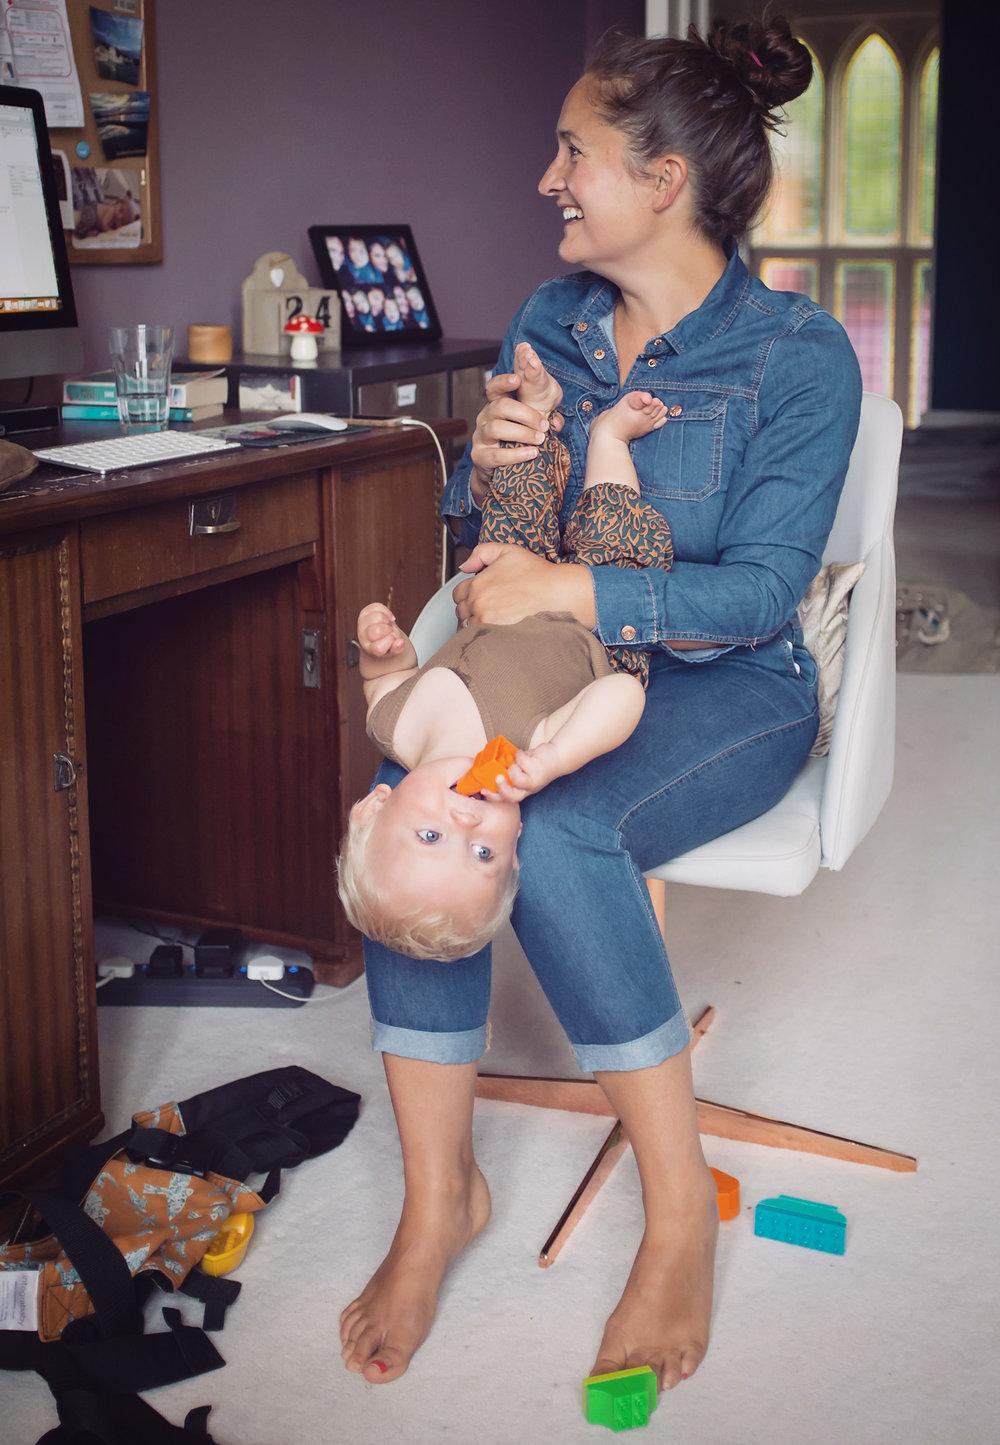 Sophie Lovett and baby. Image: Viola Depcik